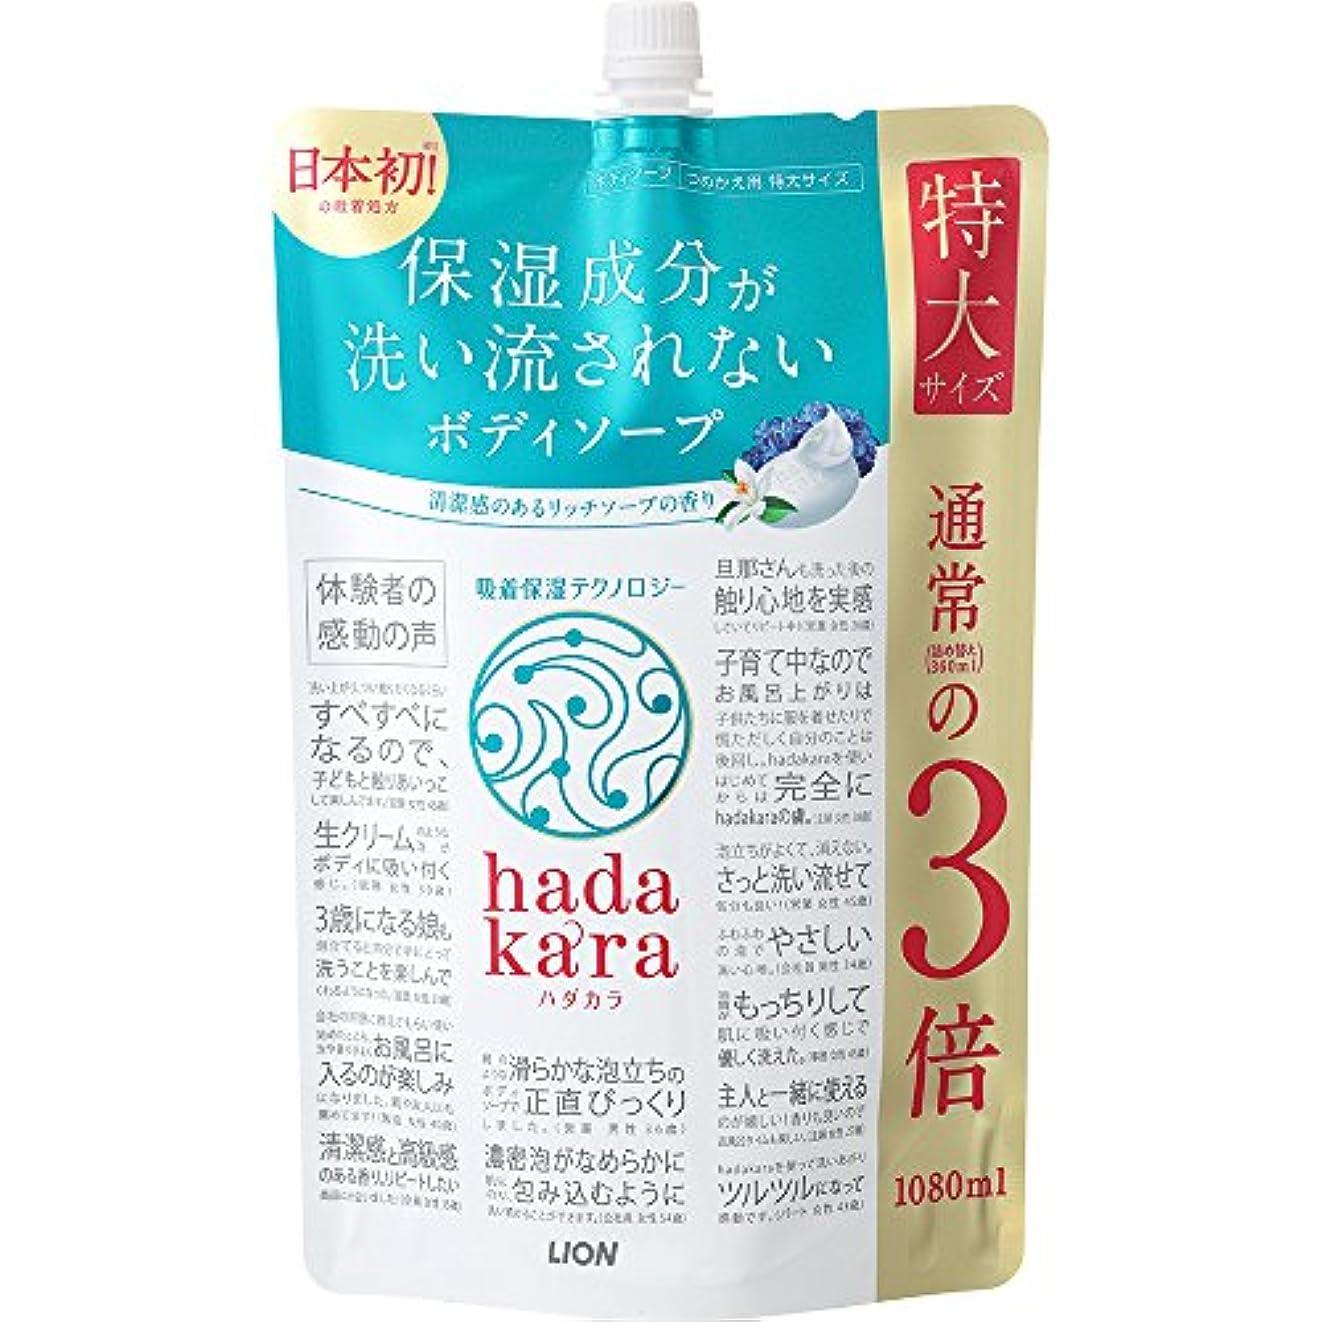 同種のシンク奨励します【大容量】hadakara(ハダカラ) ボディソープ リッチソープの香り 詰め替え 特大 1080ml